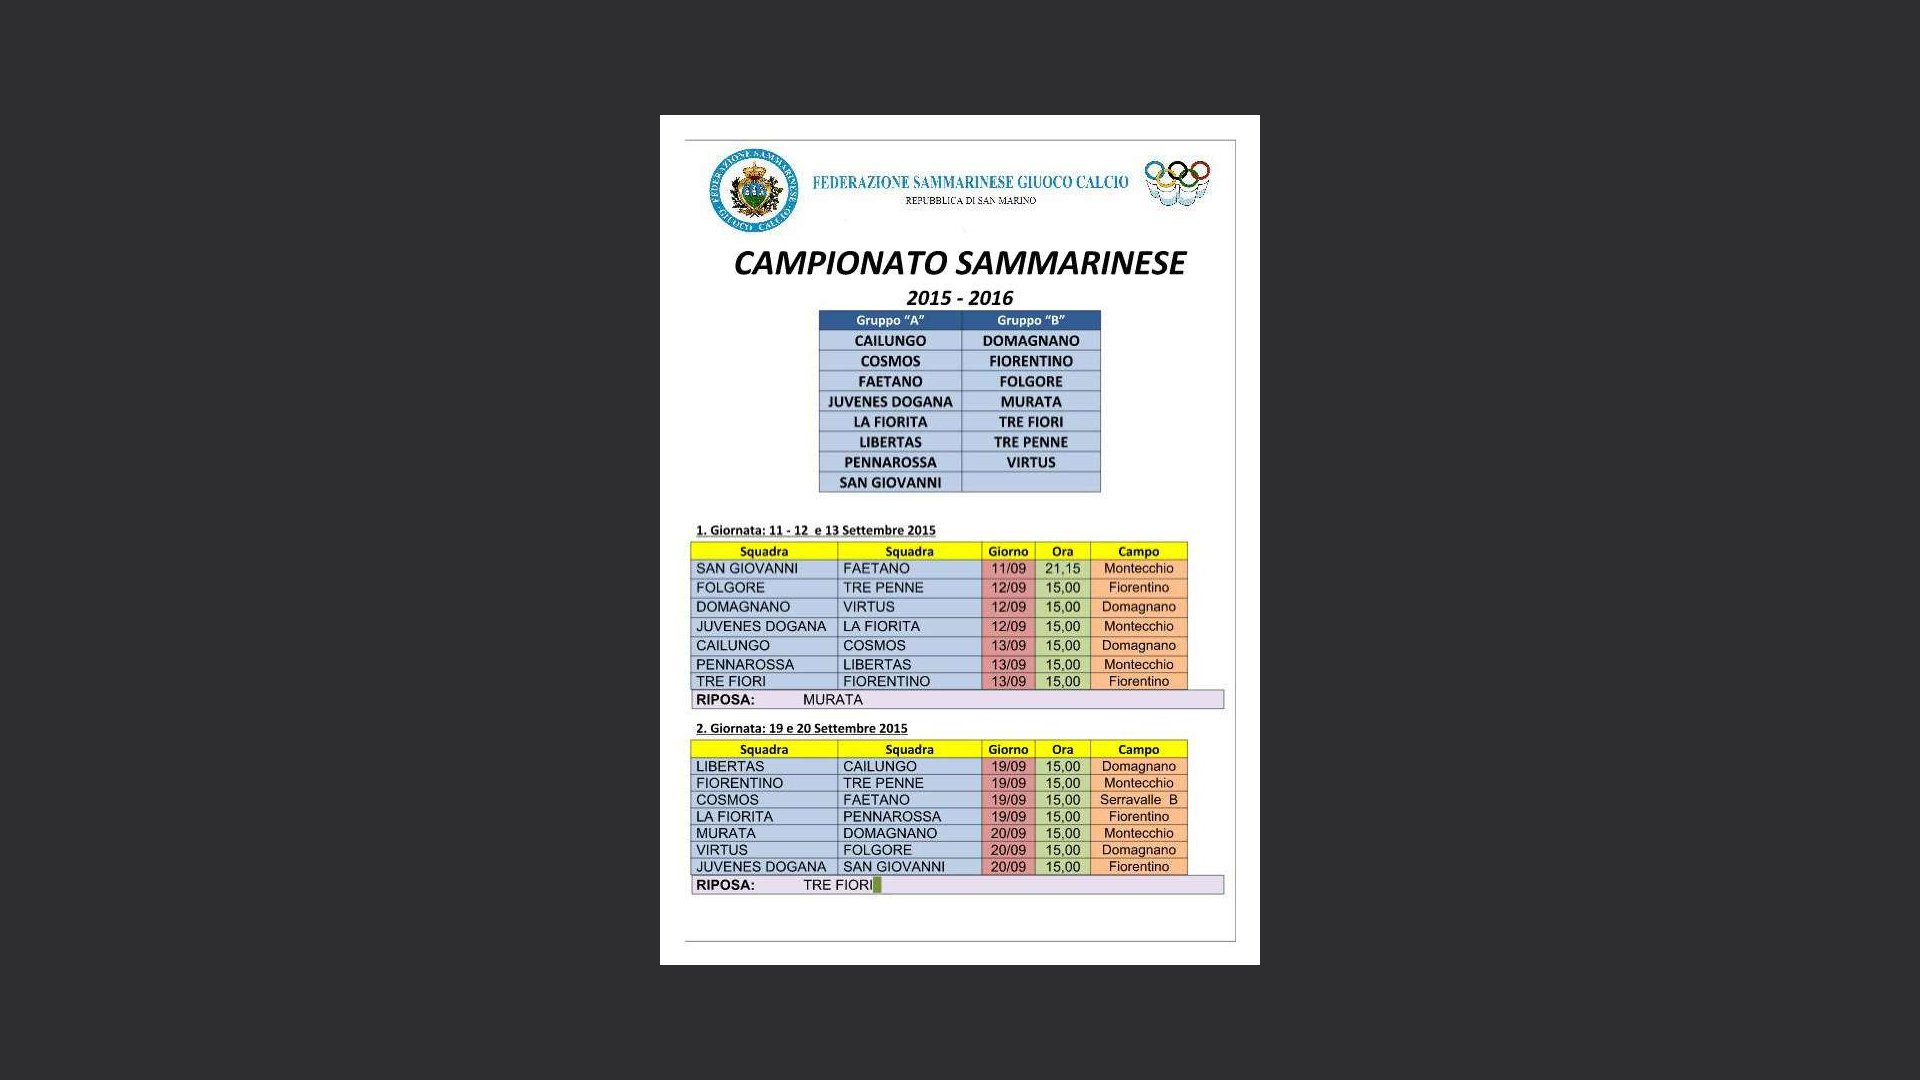 Calendario Campionato Di Calcio.Campionato Sammarinese 2015 2016 Il Calendario Completo